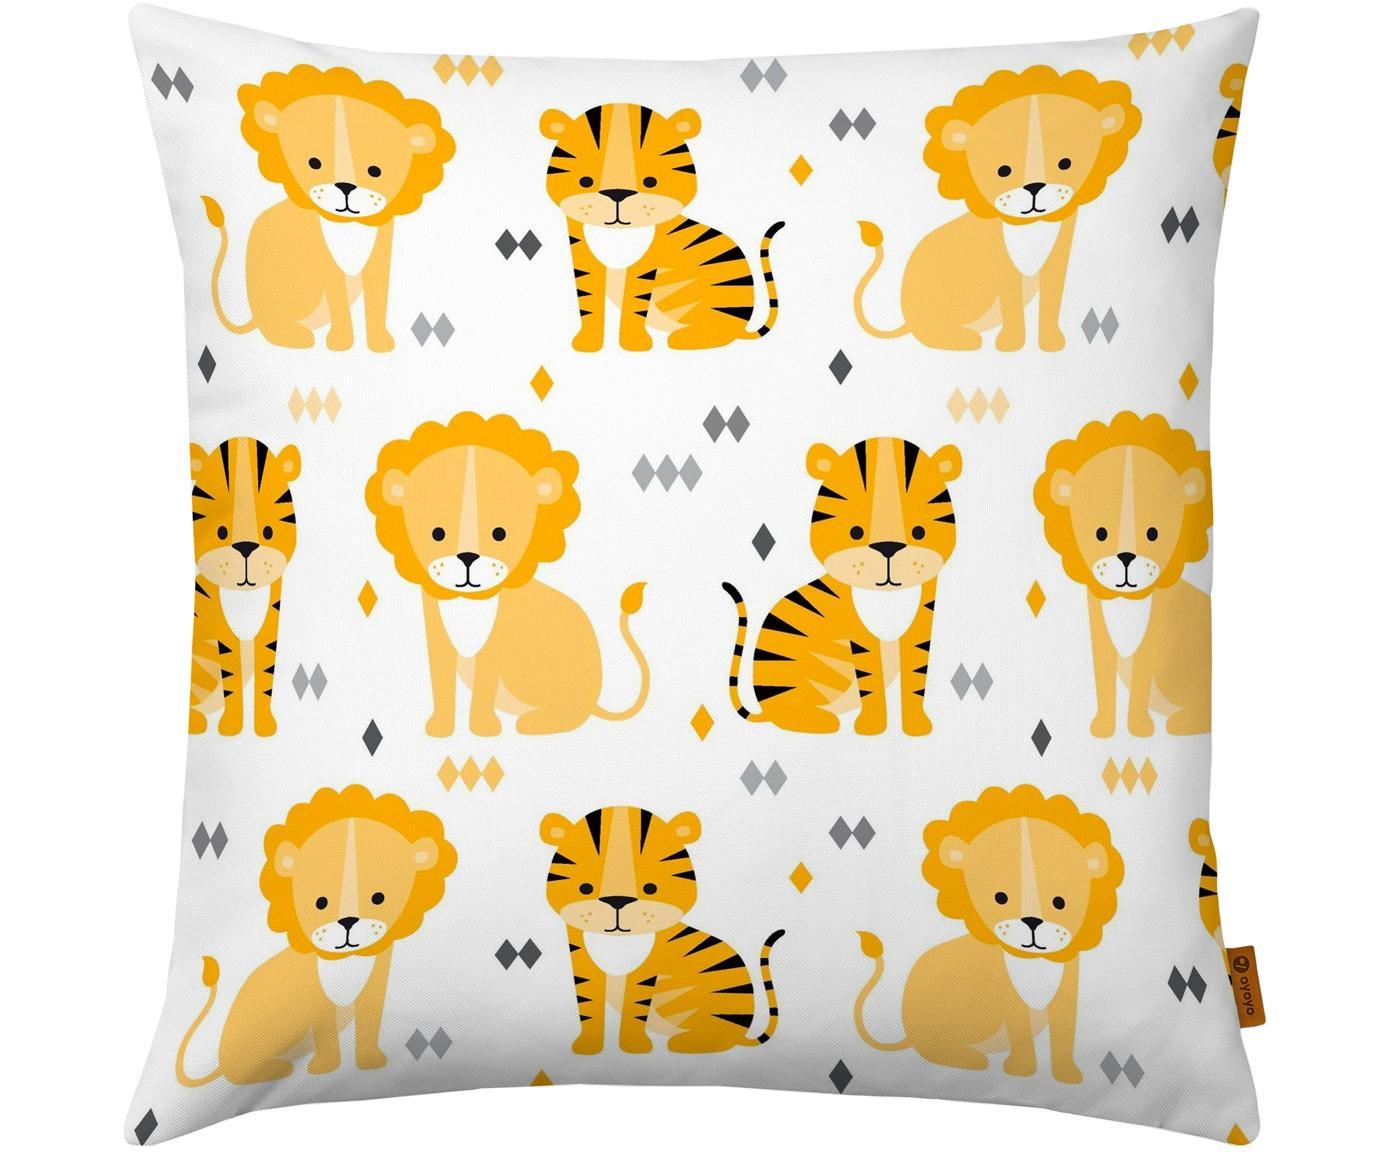 Poszewka na poduszkę Lion and Tiger, Bawełna, Biały, żółty, pomarańczowy, szary, czarny, S 40 x D 40 cm